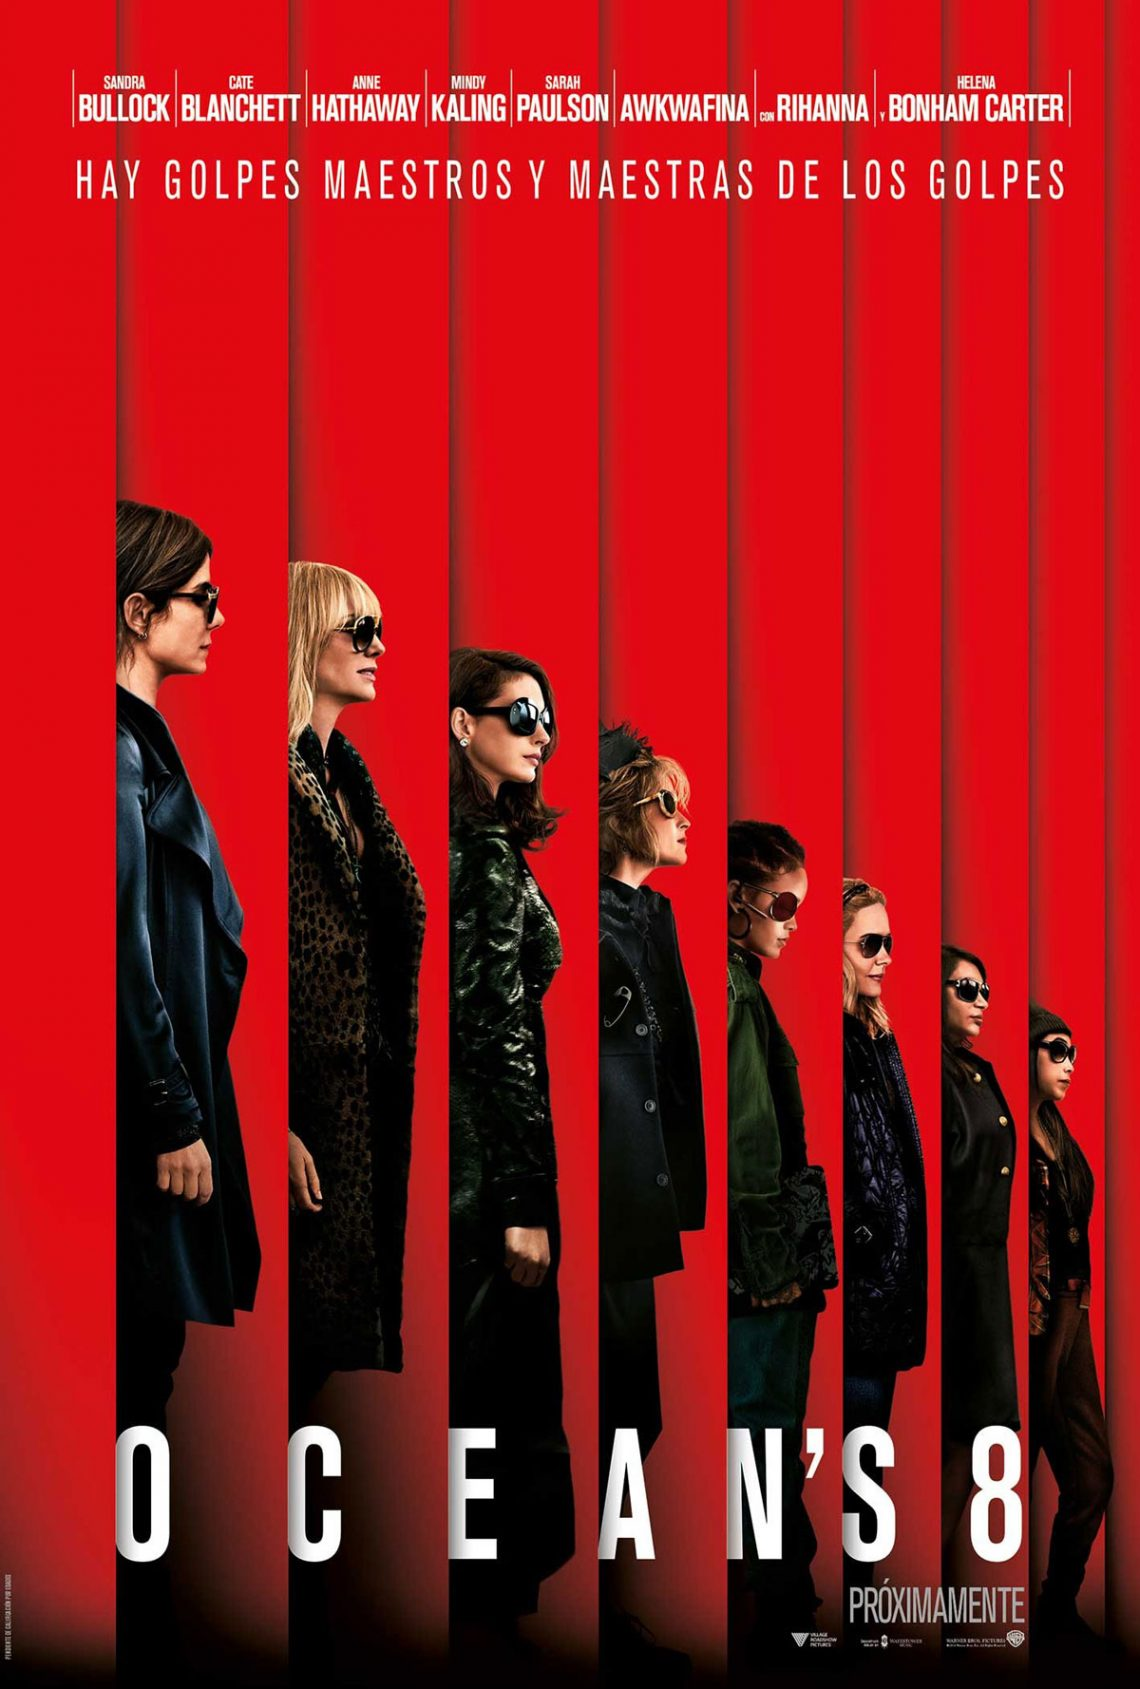 Anne Hathaway, Rihanna y Sandra Bullock planean robar en la famosa MET Gala en su última película